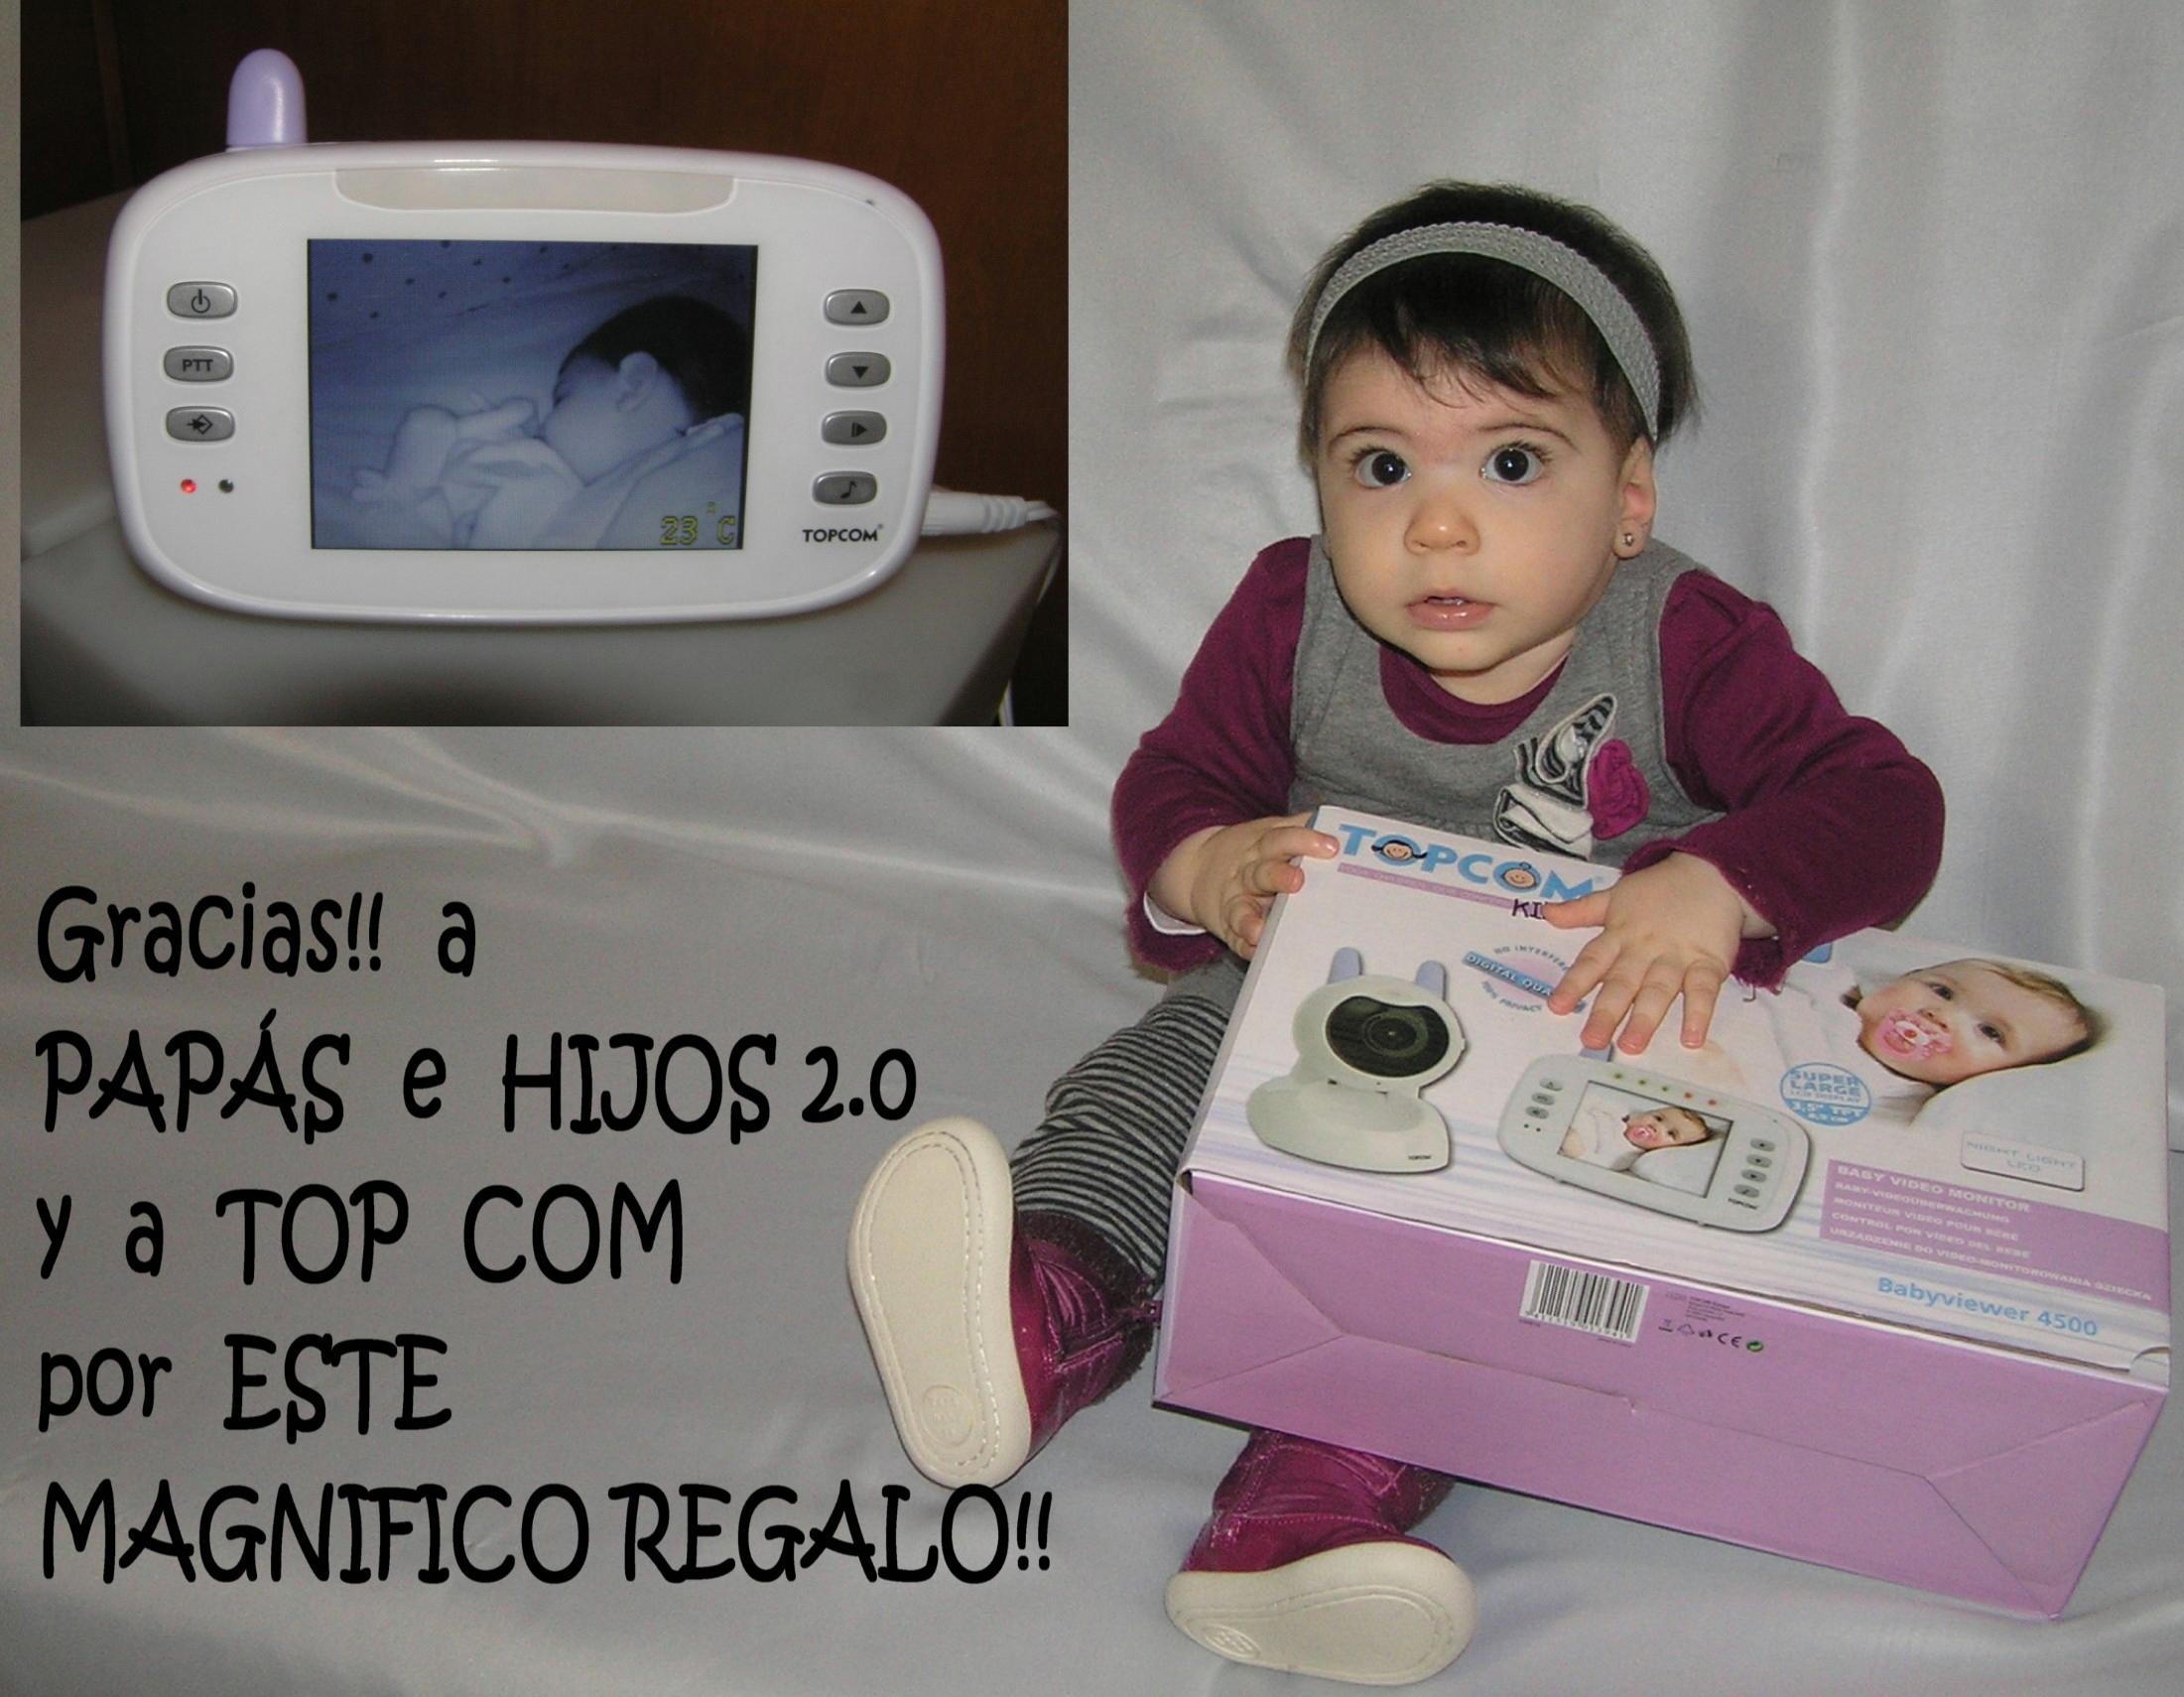 Leyre feliz con su Topcom BabyViewer 4500